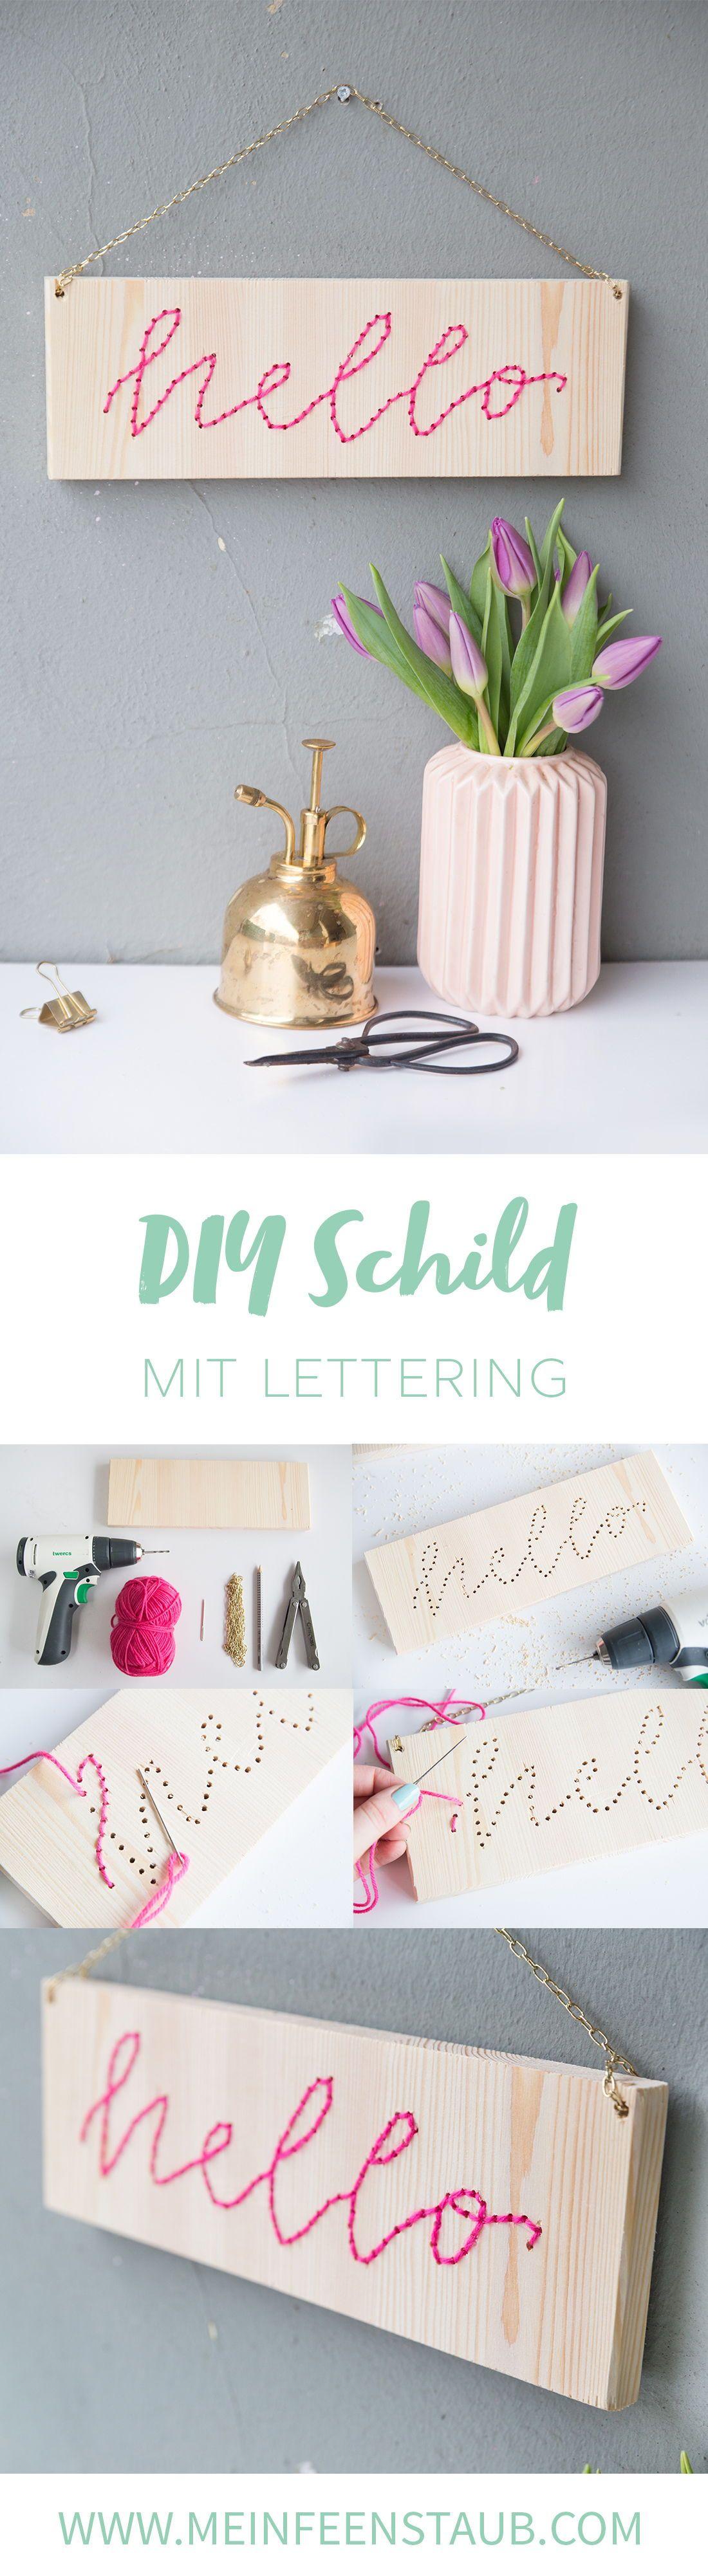 diy lettering schild mit stick schrift meine diy ideen mein feenstaub pinterest. Black Bedroom Furniture Sets. Home Design Ideas